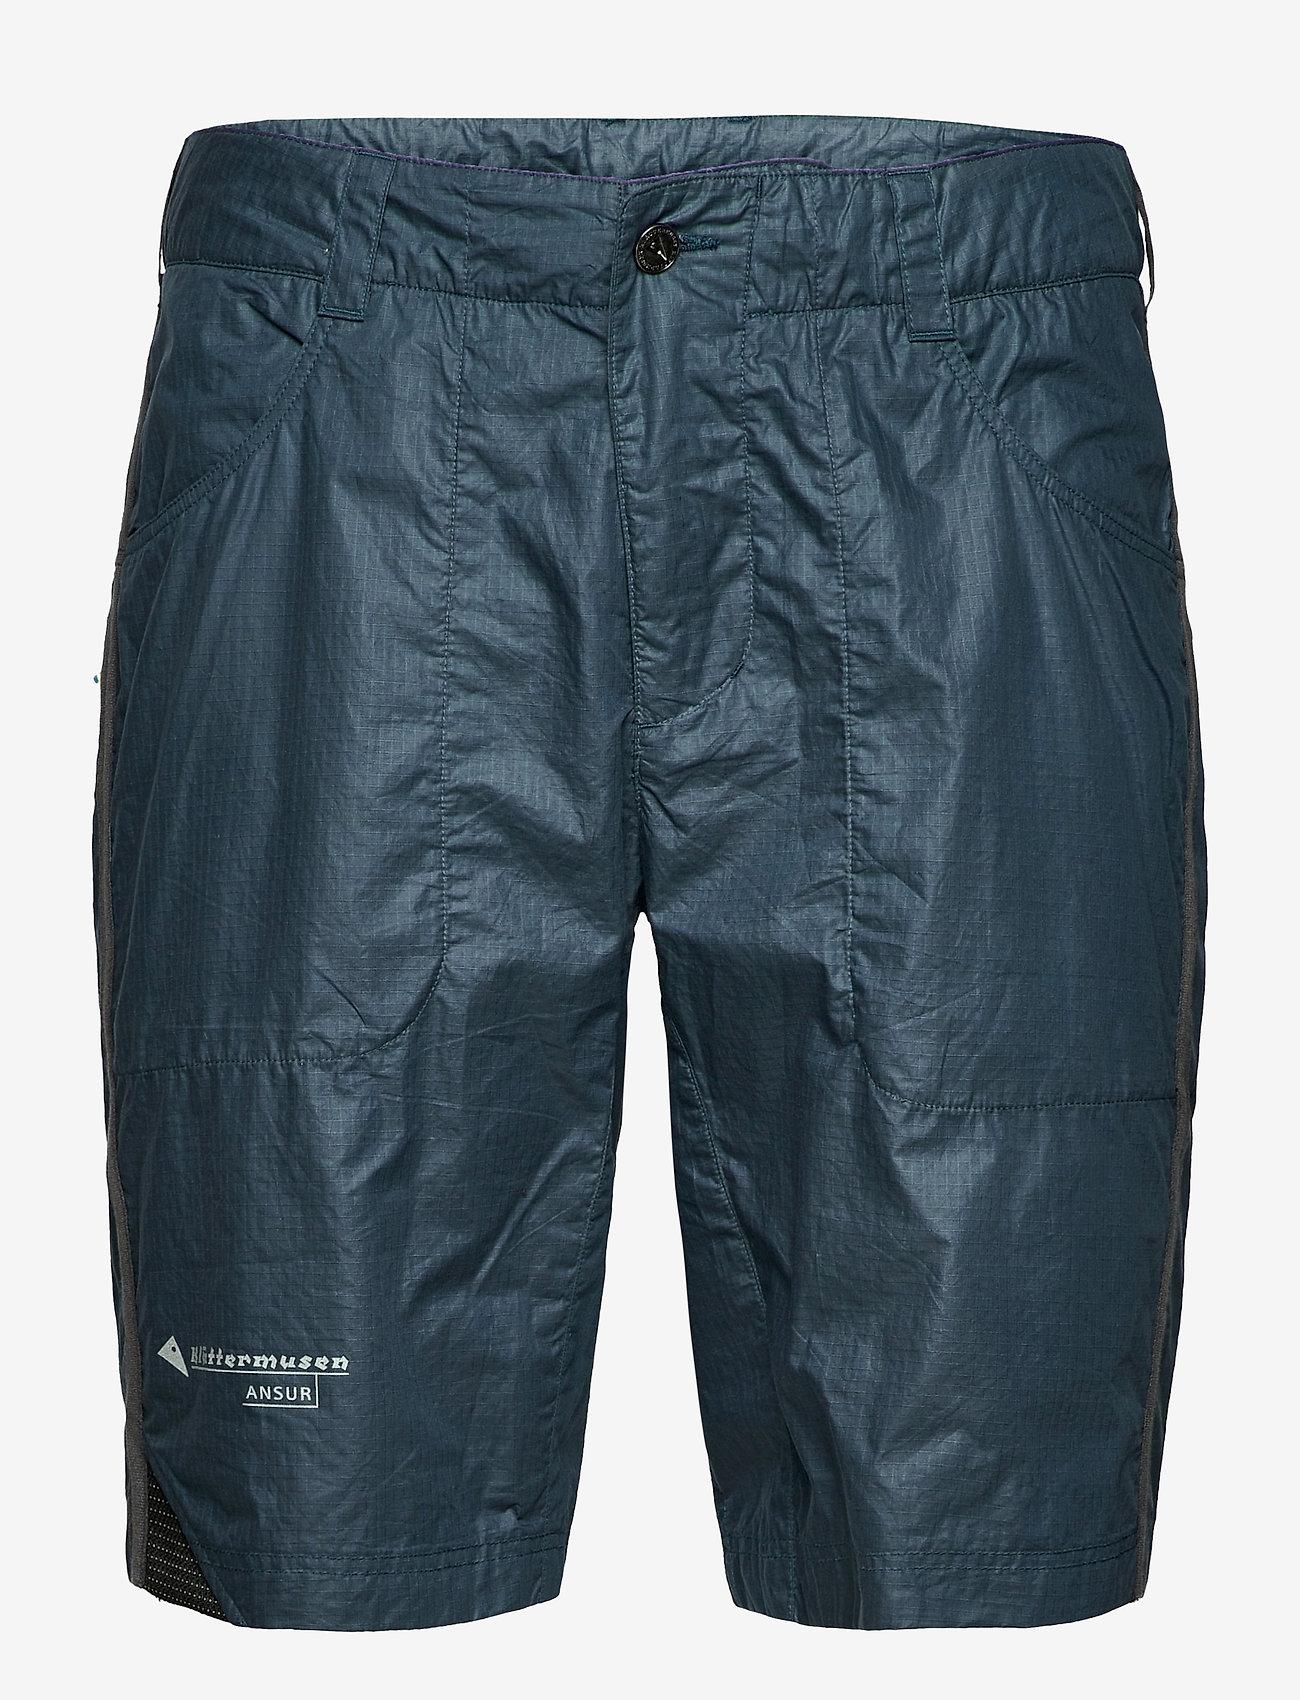 Klättermusen - Ansur Shorts M's - tights & shorts - midnight blue - 0